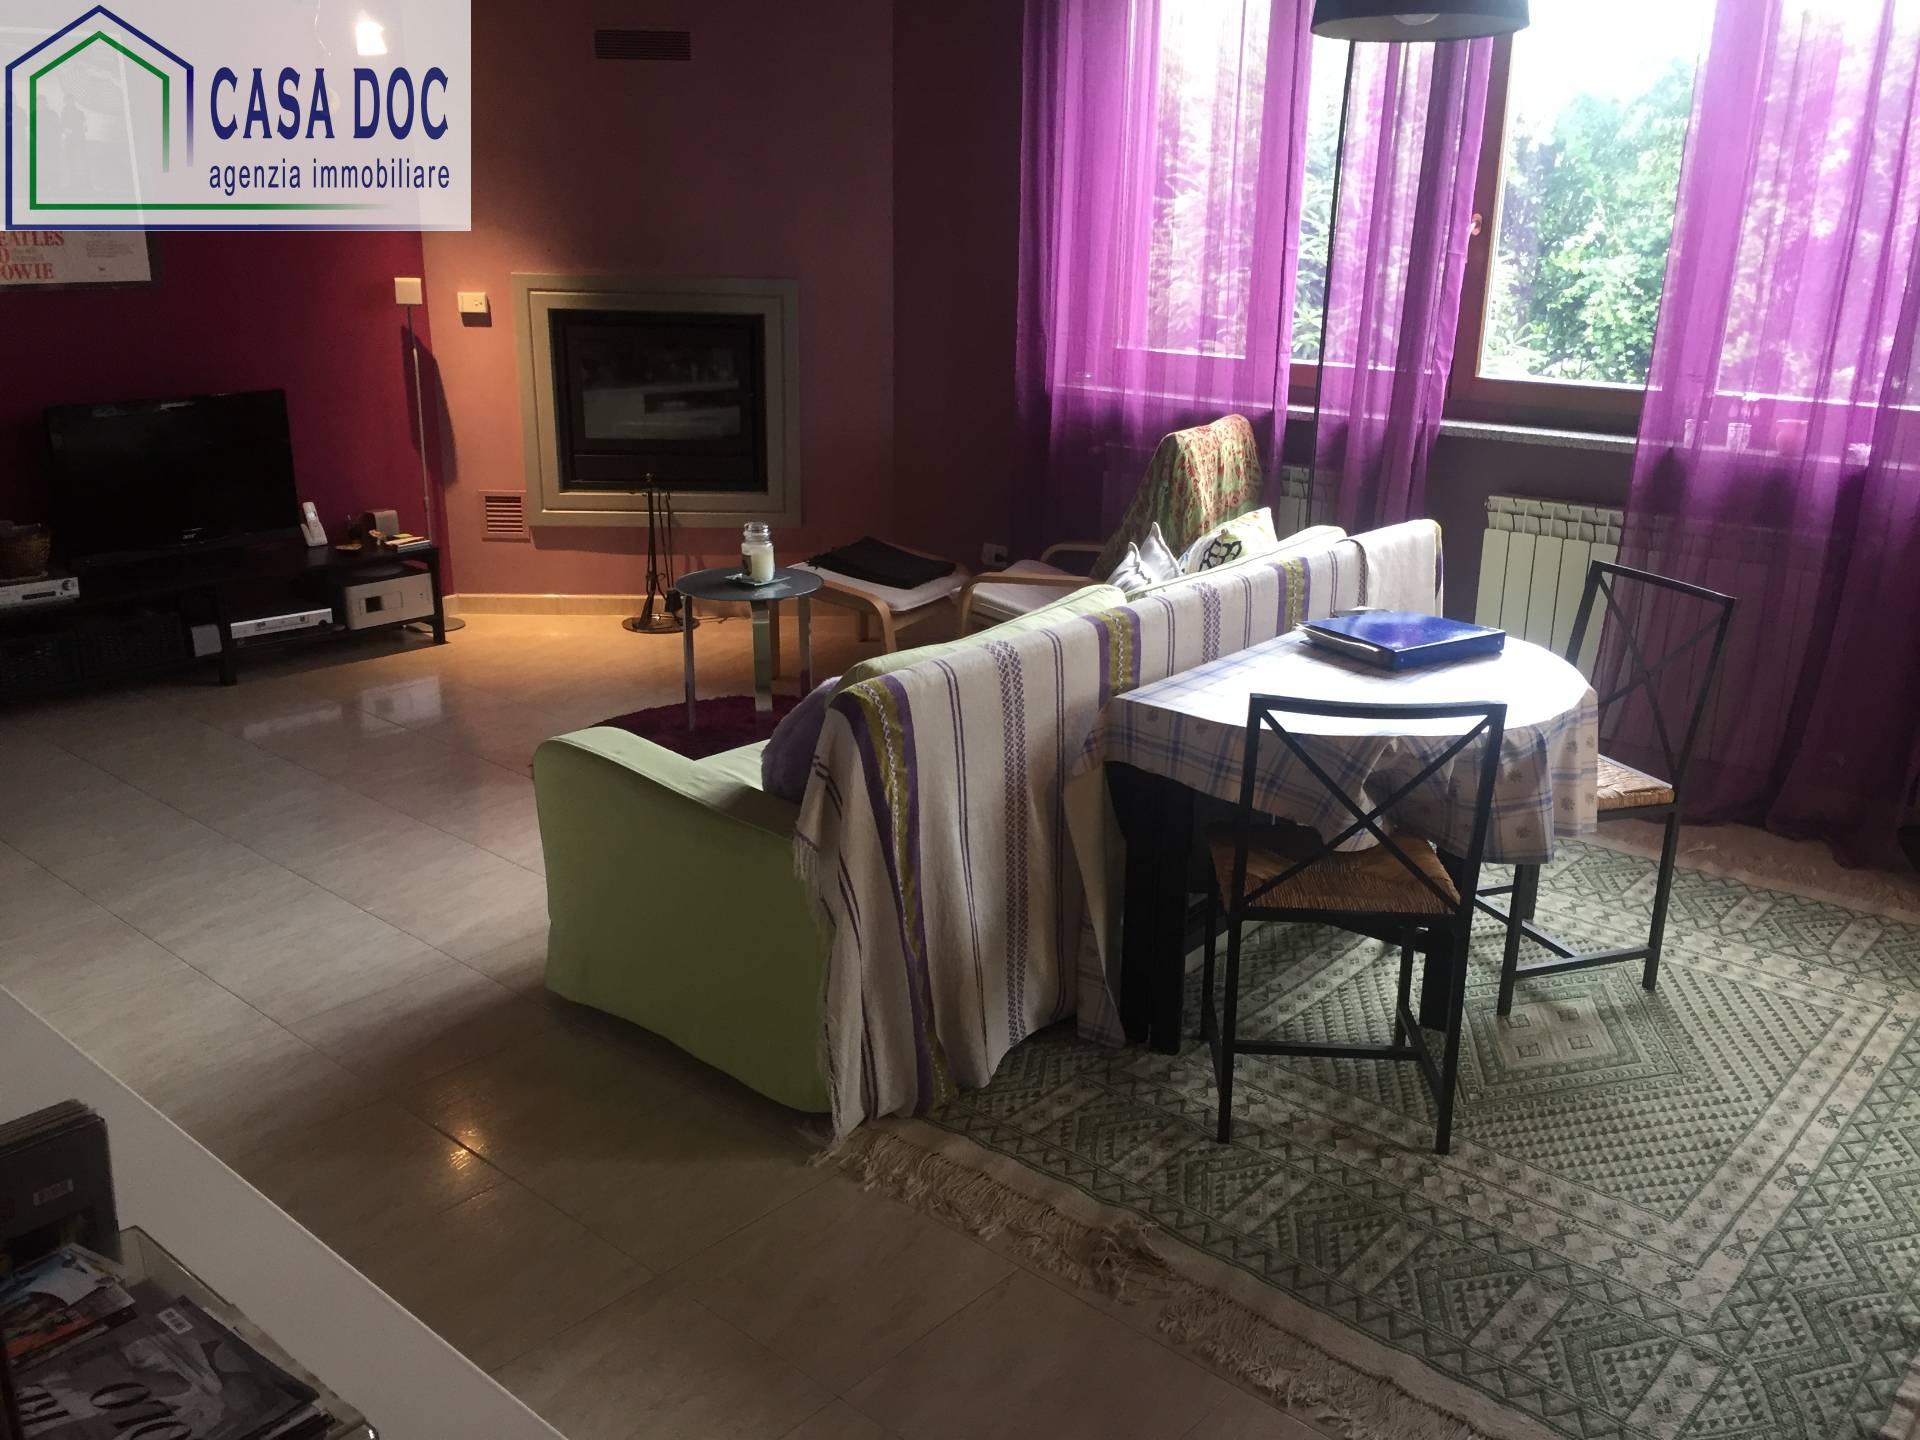 Villa in vendita a Sant'Alessio con Vialone, 4 locali, prezzo € 235.000 | CambioCasa.it